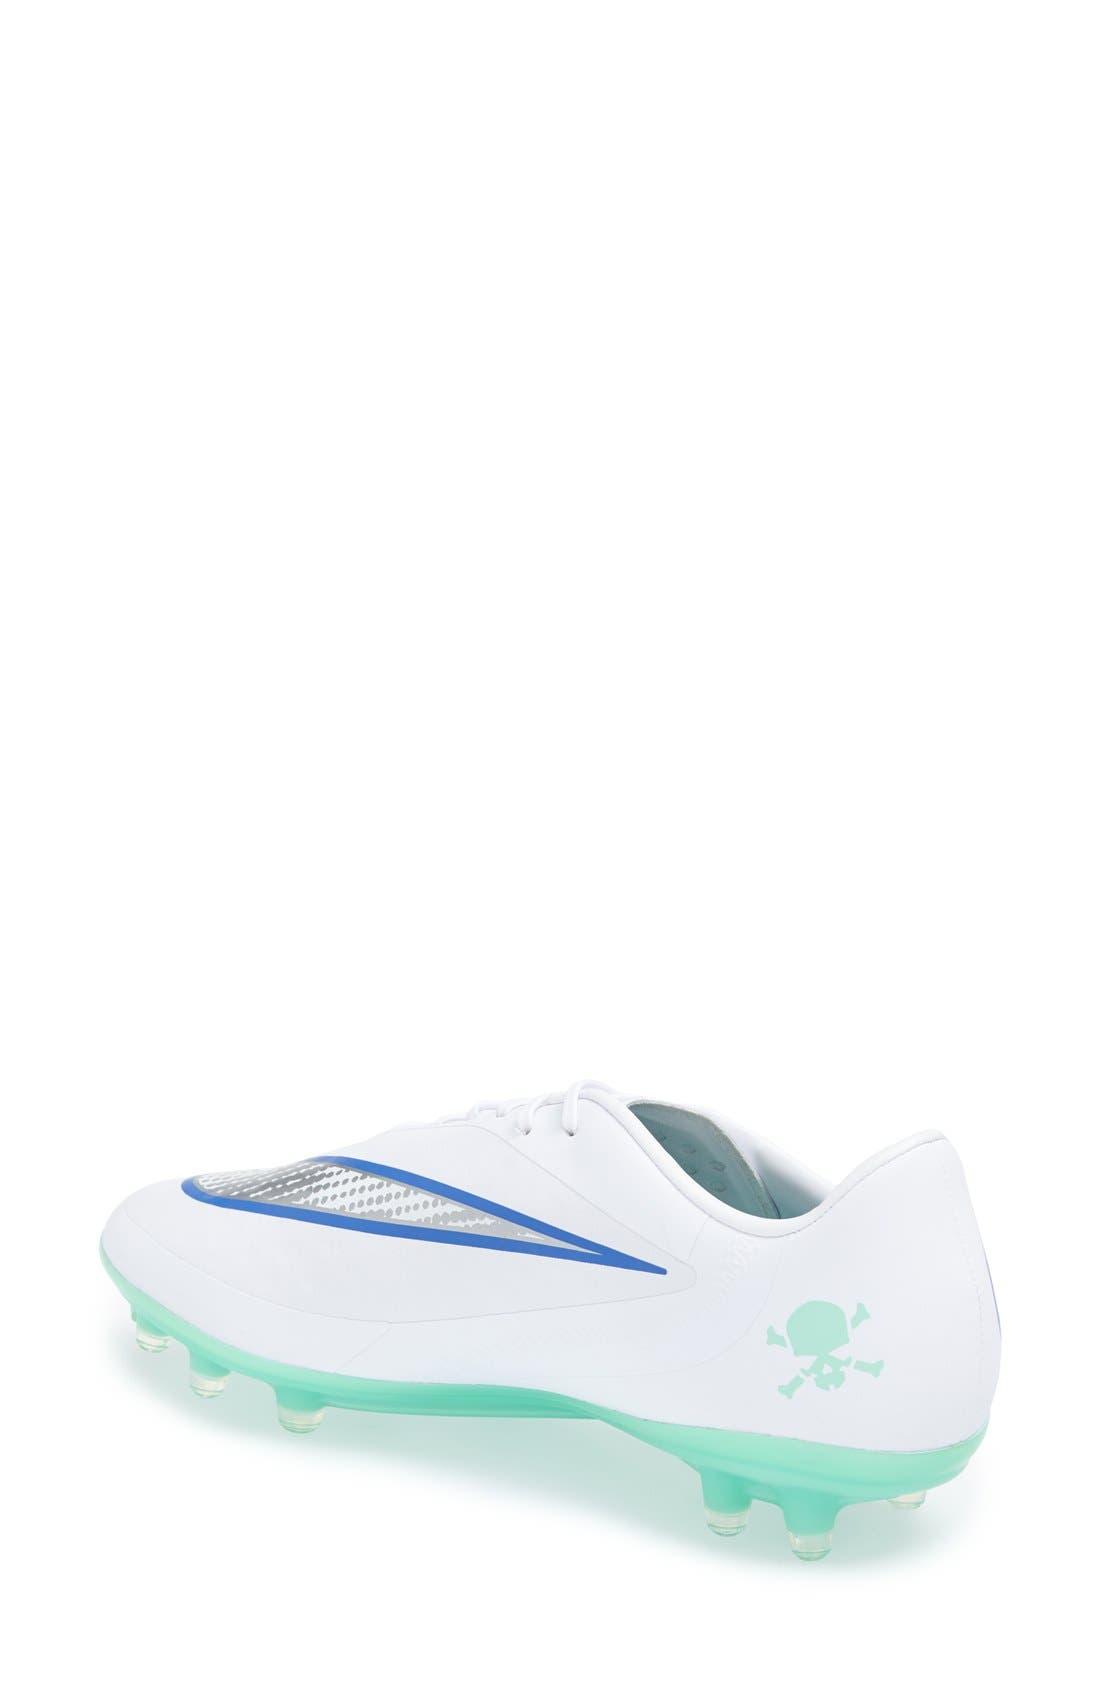 Alternate Image 2  - Nike 'Hypervenom Phatal' Firm Ground Soccer Cleat (Women)